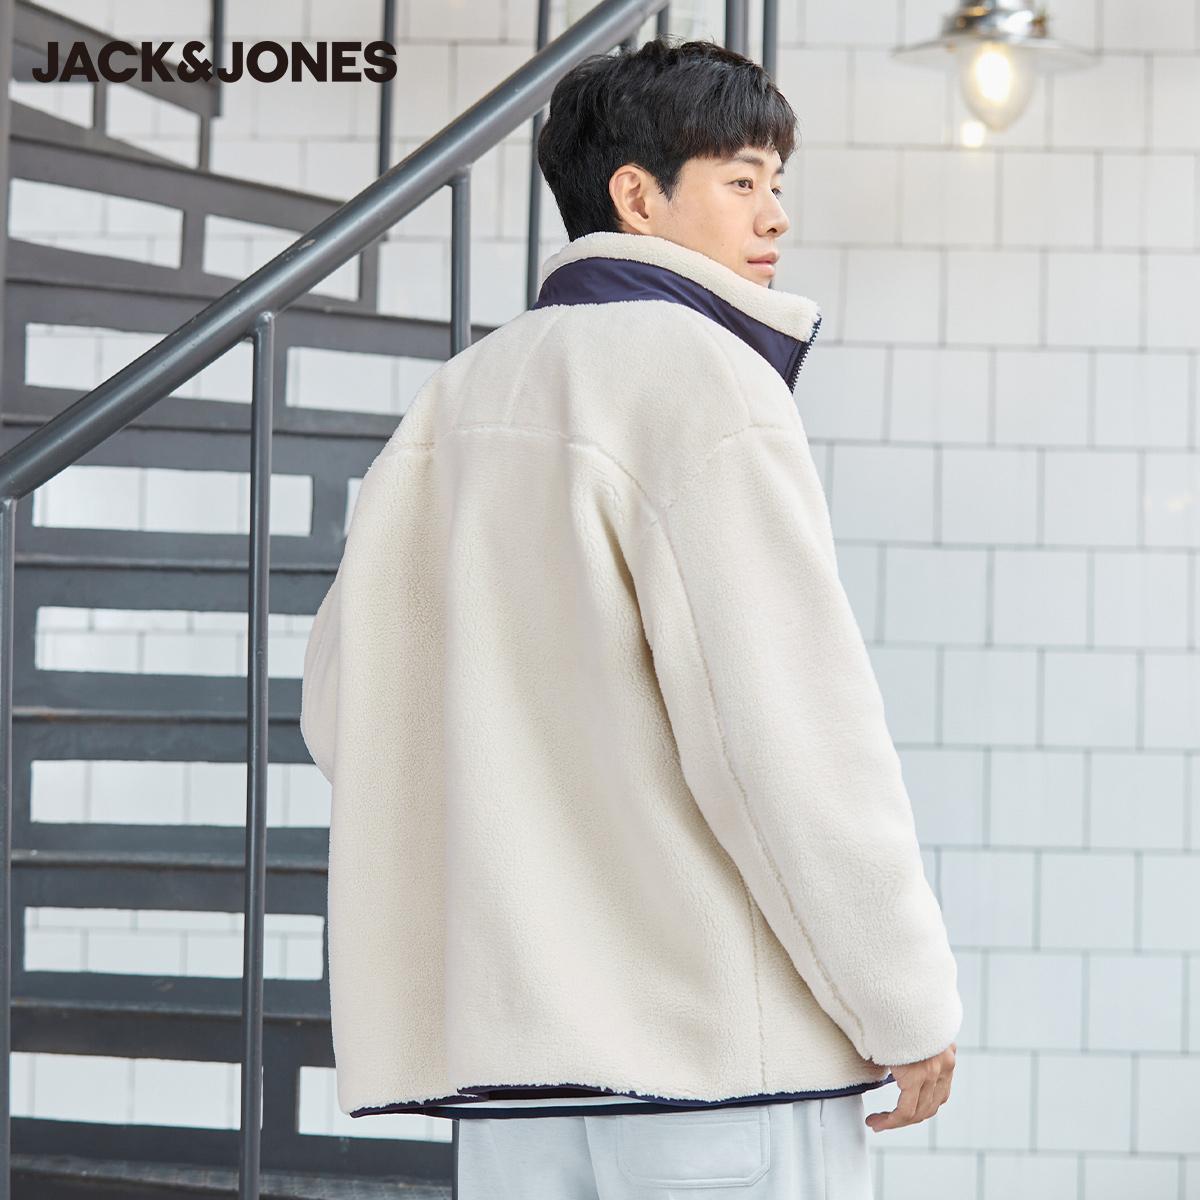 【预售】杰克琼斯炙热秋新情侣潮韩版短款摇粒绒仿羊羔毛外套夹克